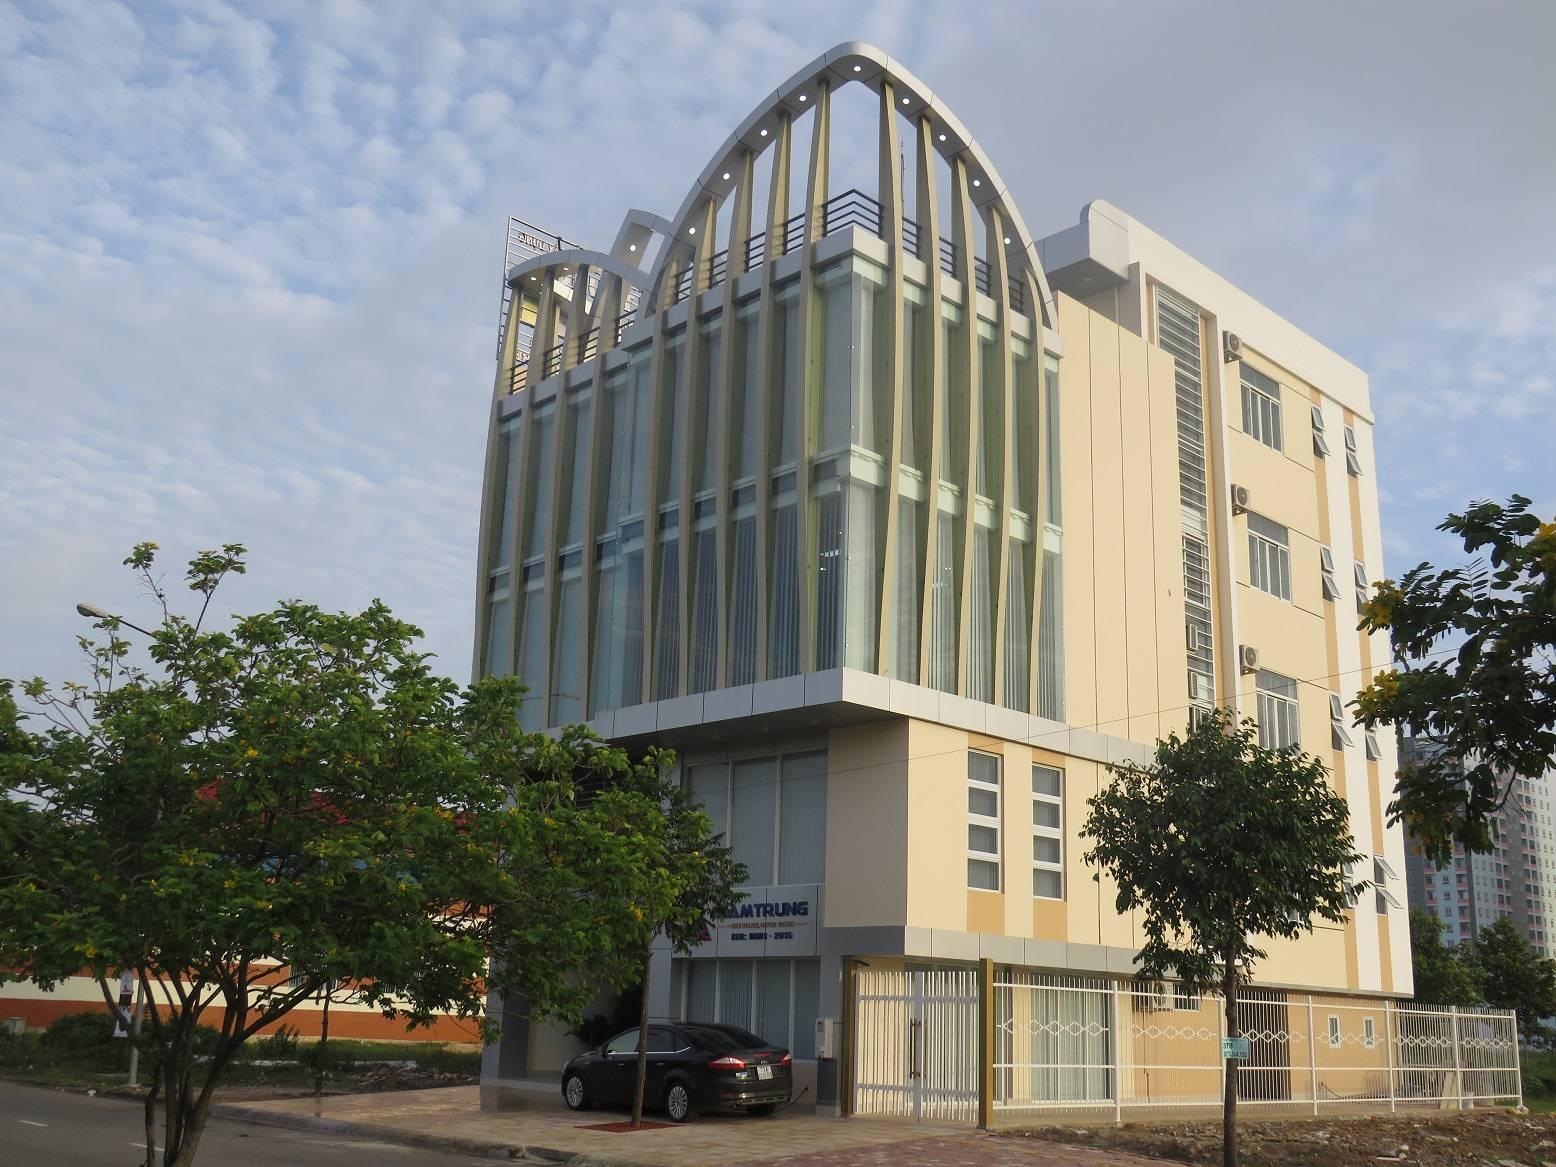 Văn phòng thép tiền chế công ty kết cấu thép Nam Trung